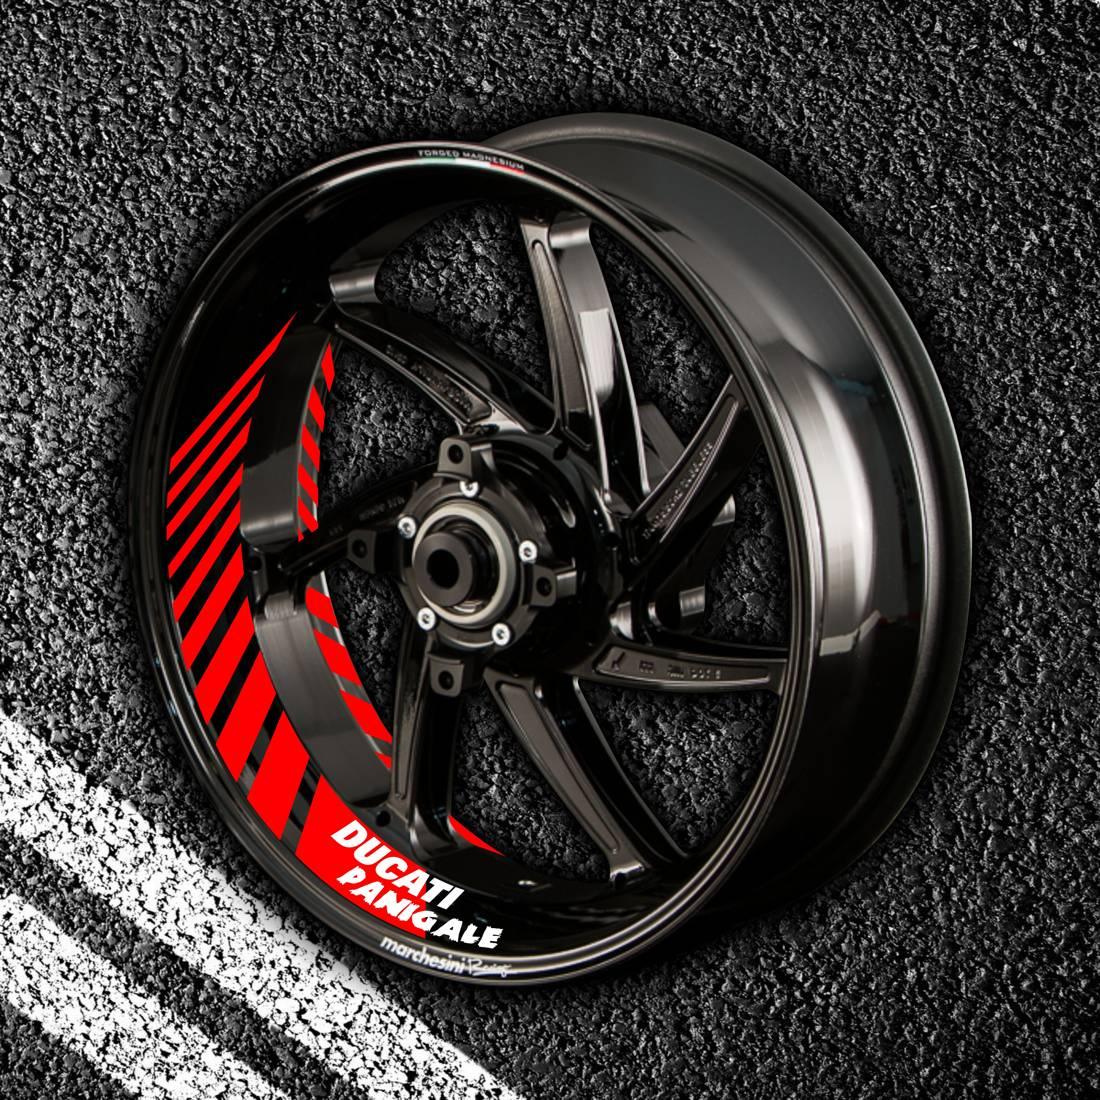 Комплект наклеек с полосами на колеса мотоцикла DUCATI PANIGALE